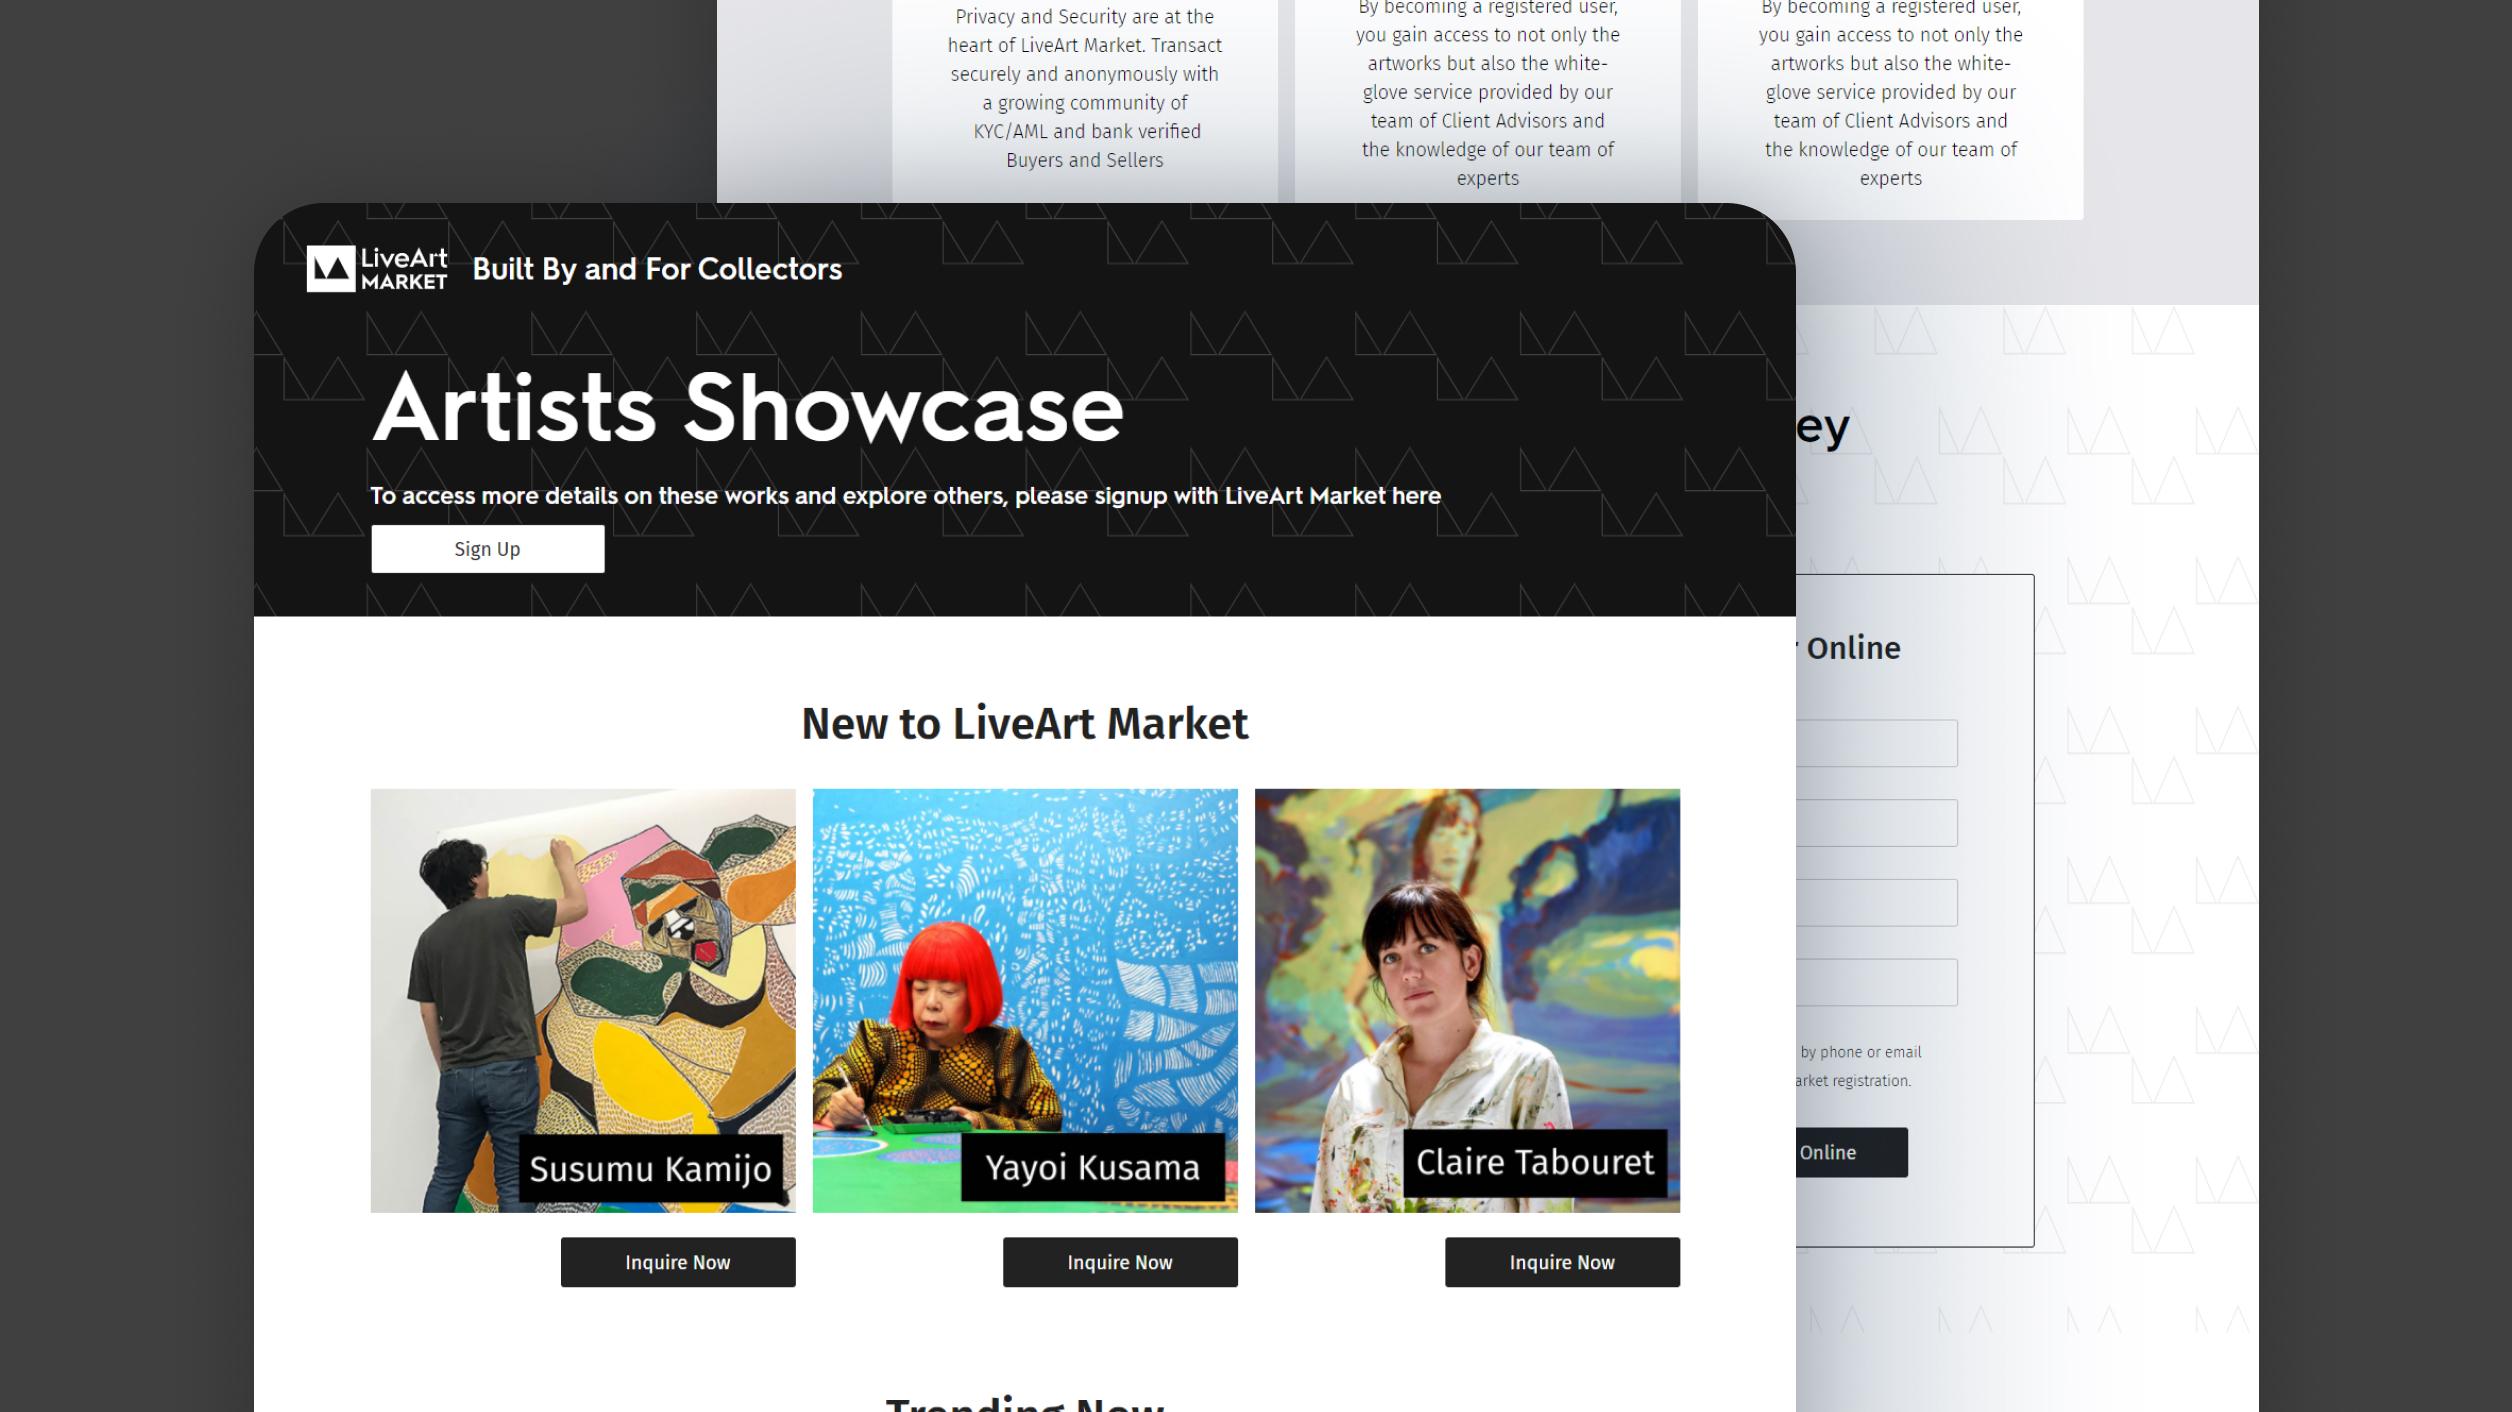 LiveArt Market